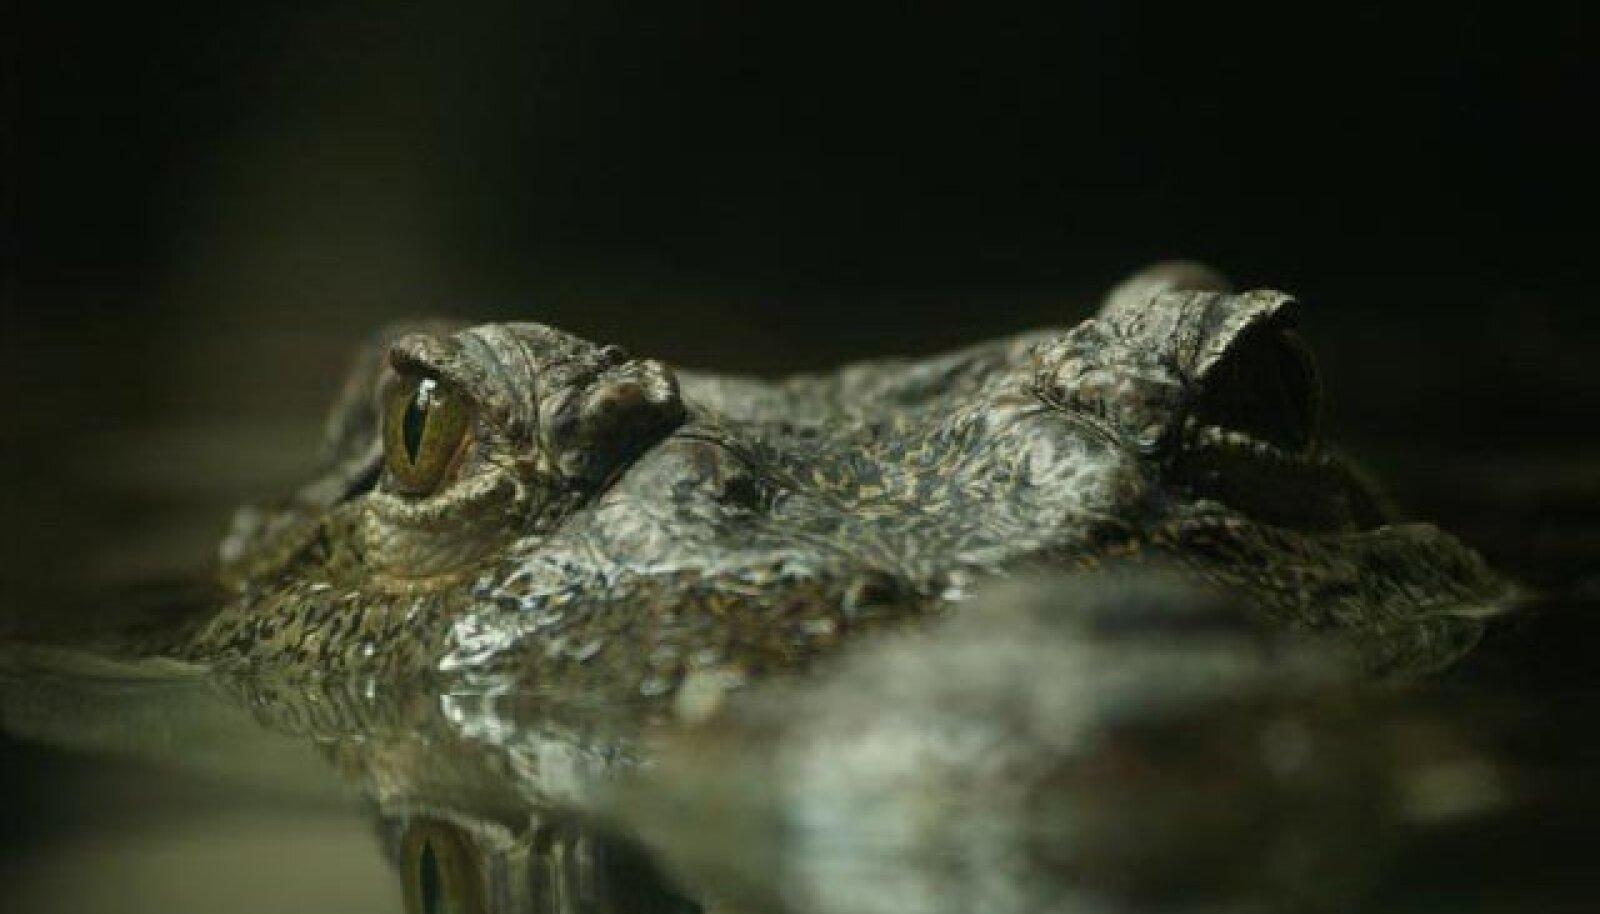 Siiami krokodill